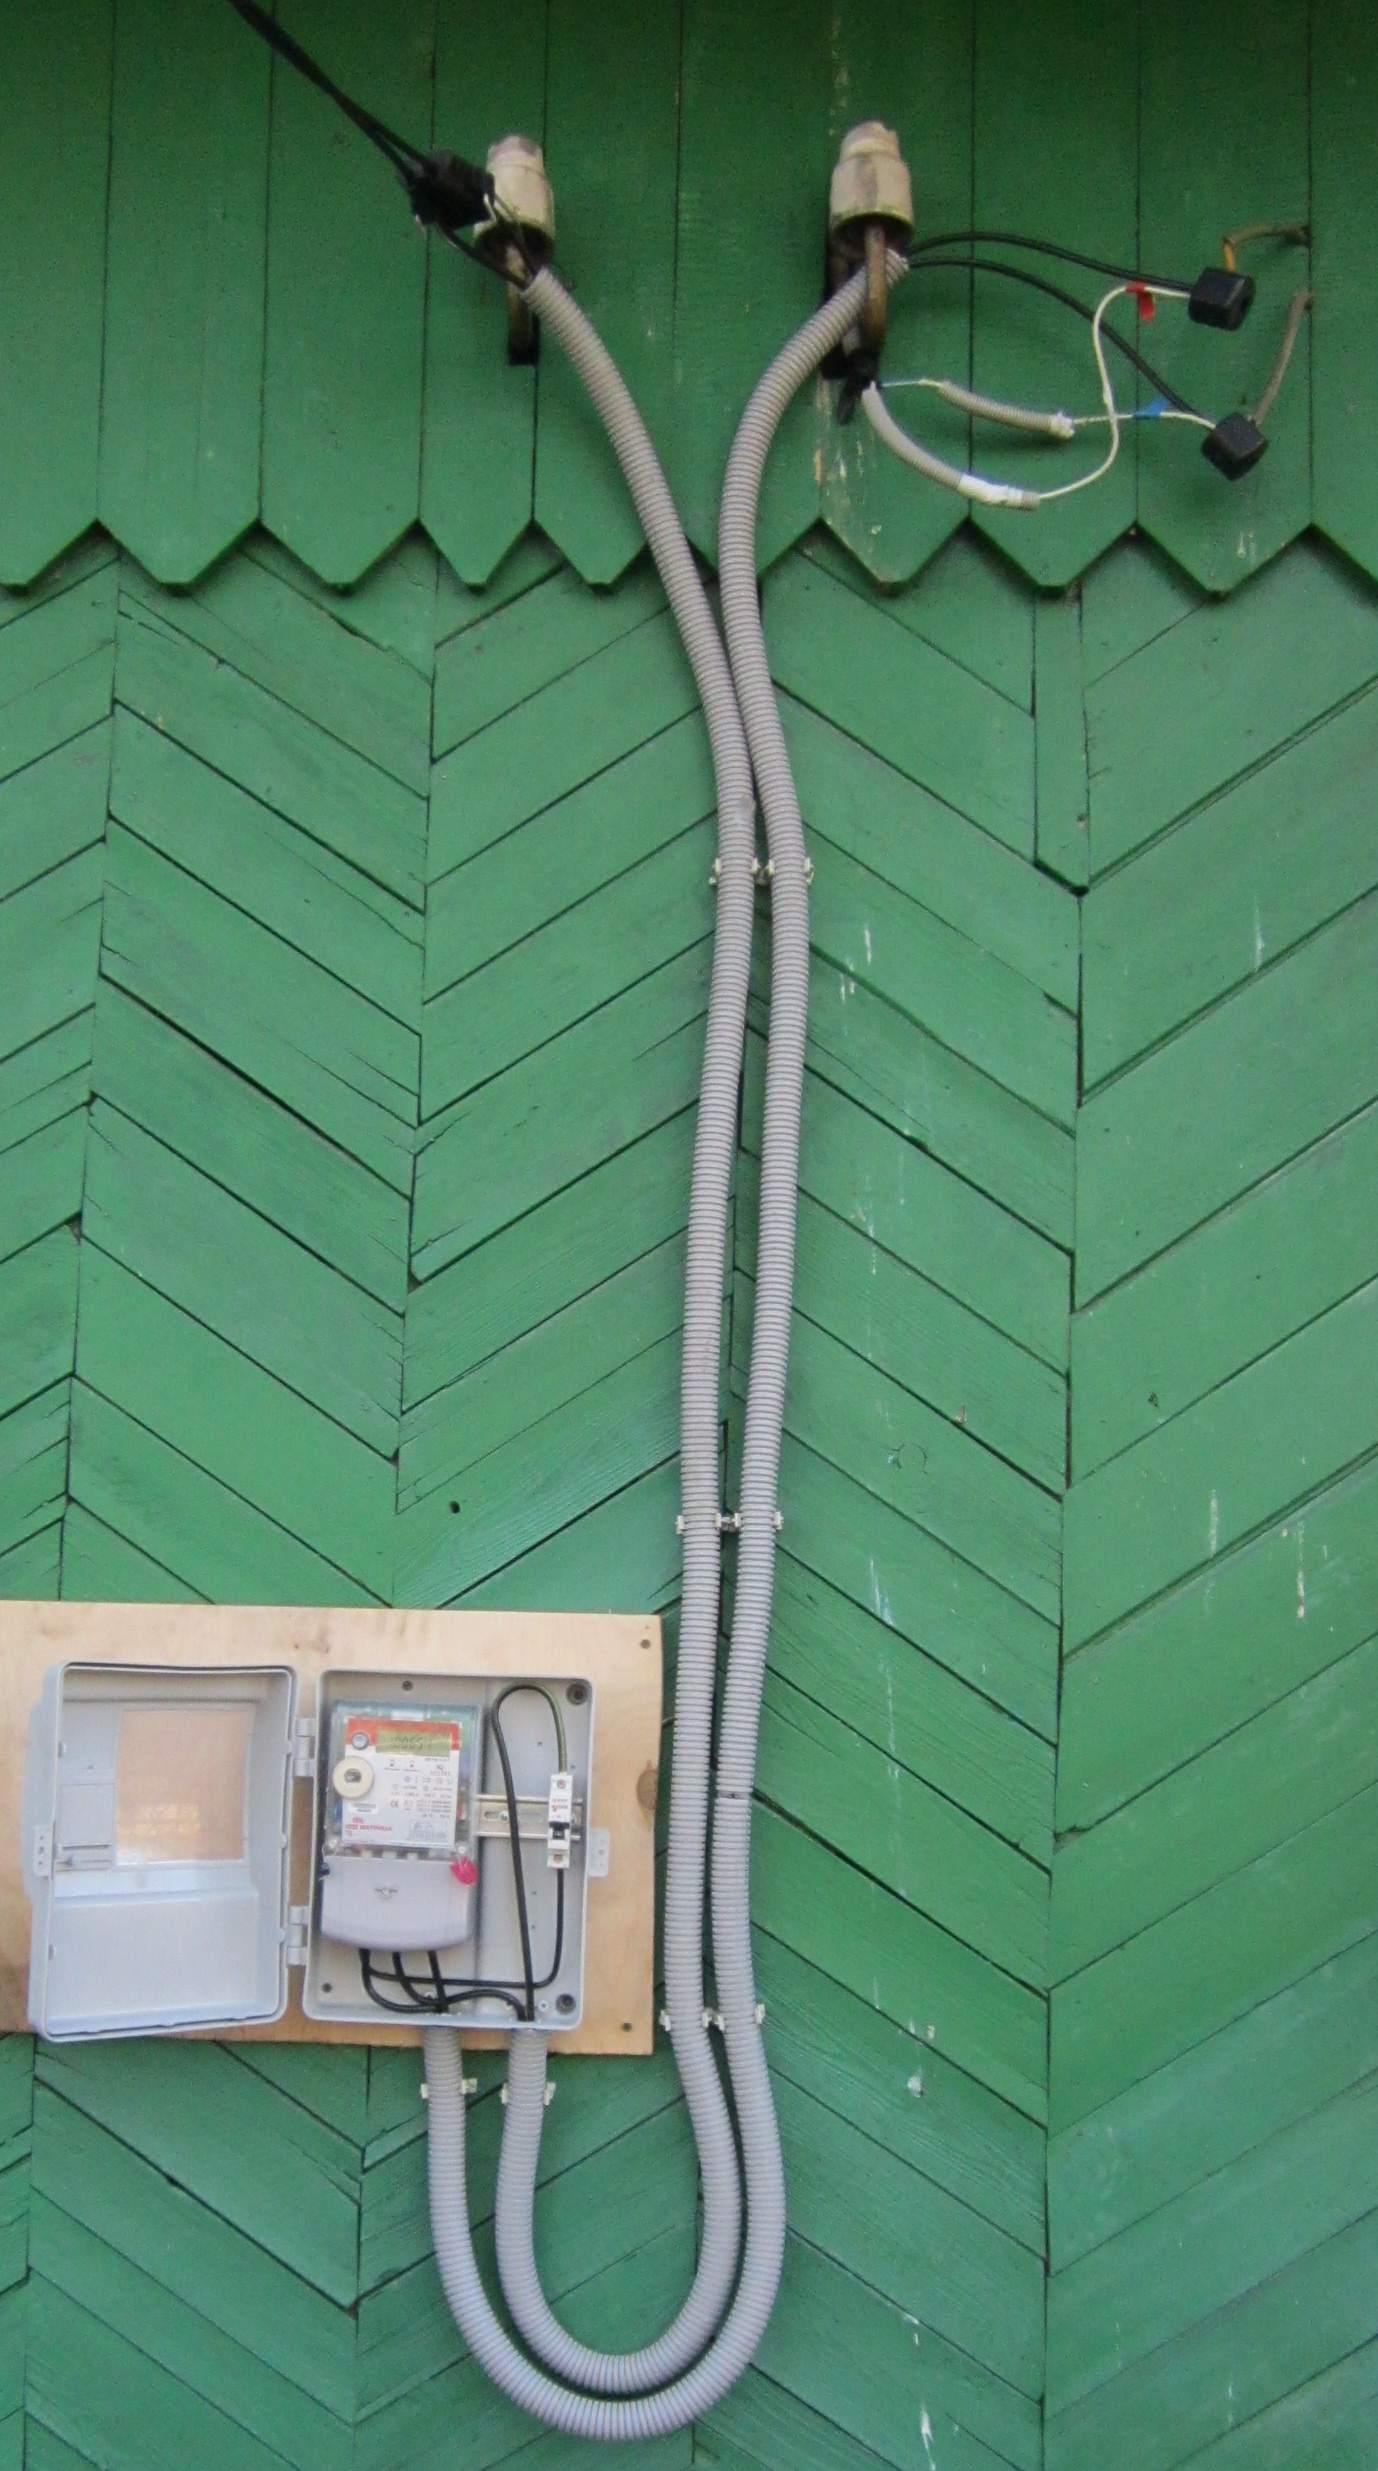 Ввод электричества в дом: как выполнить проектировочные и монтажные работы своими руками (90 фото) – строительный портал – strojka-gid.ru